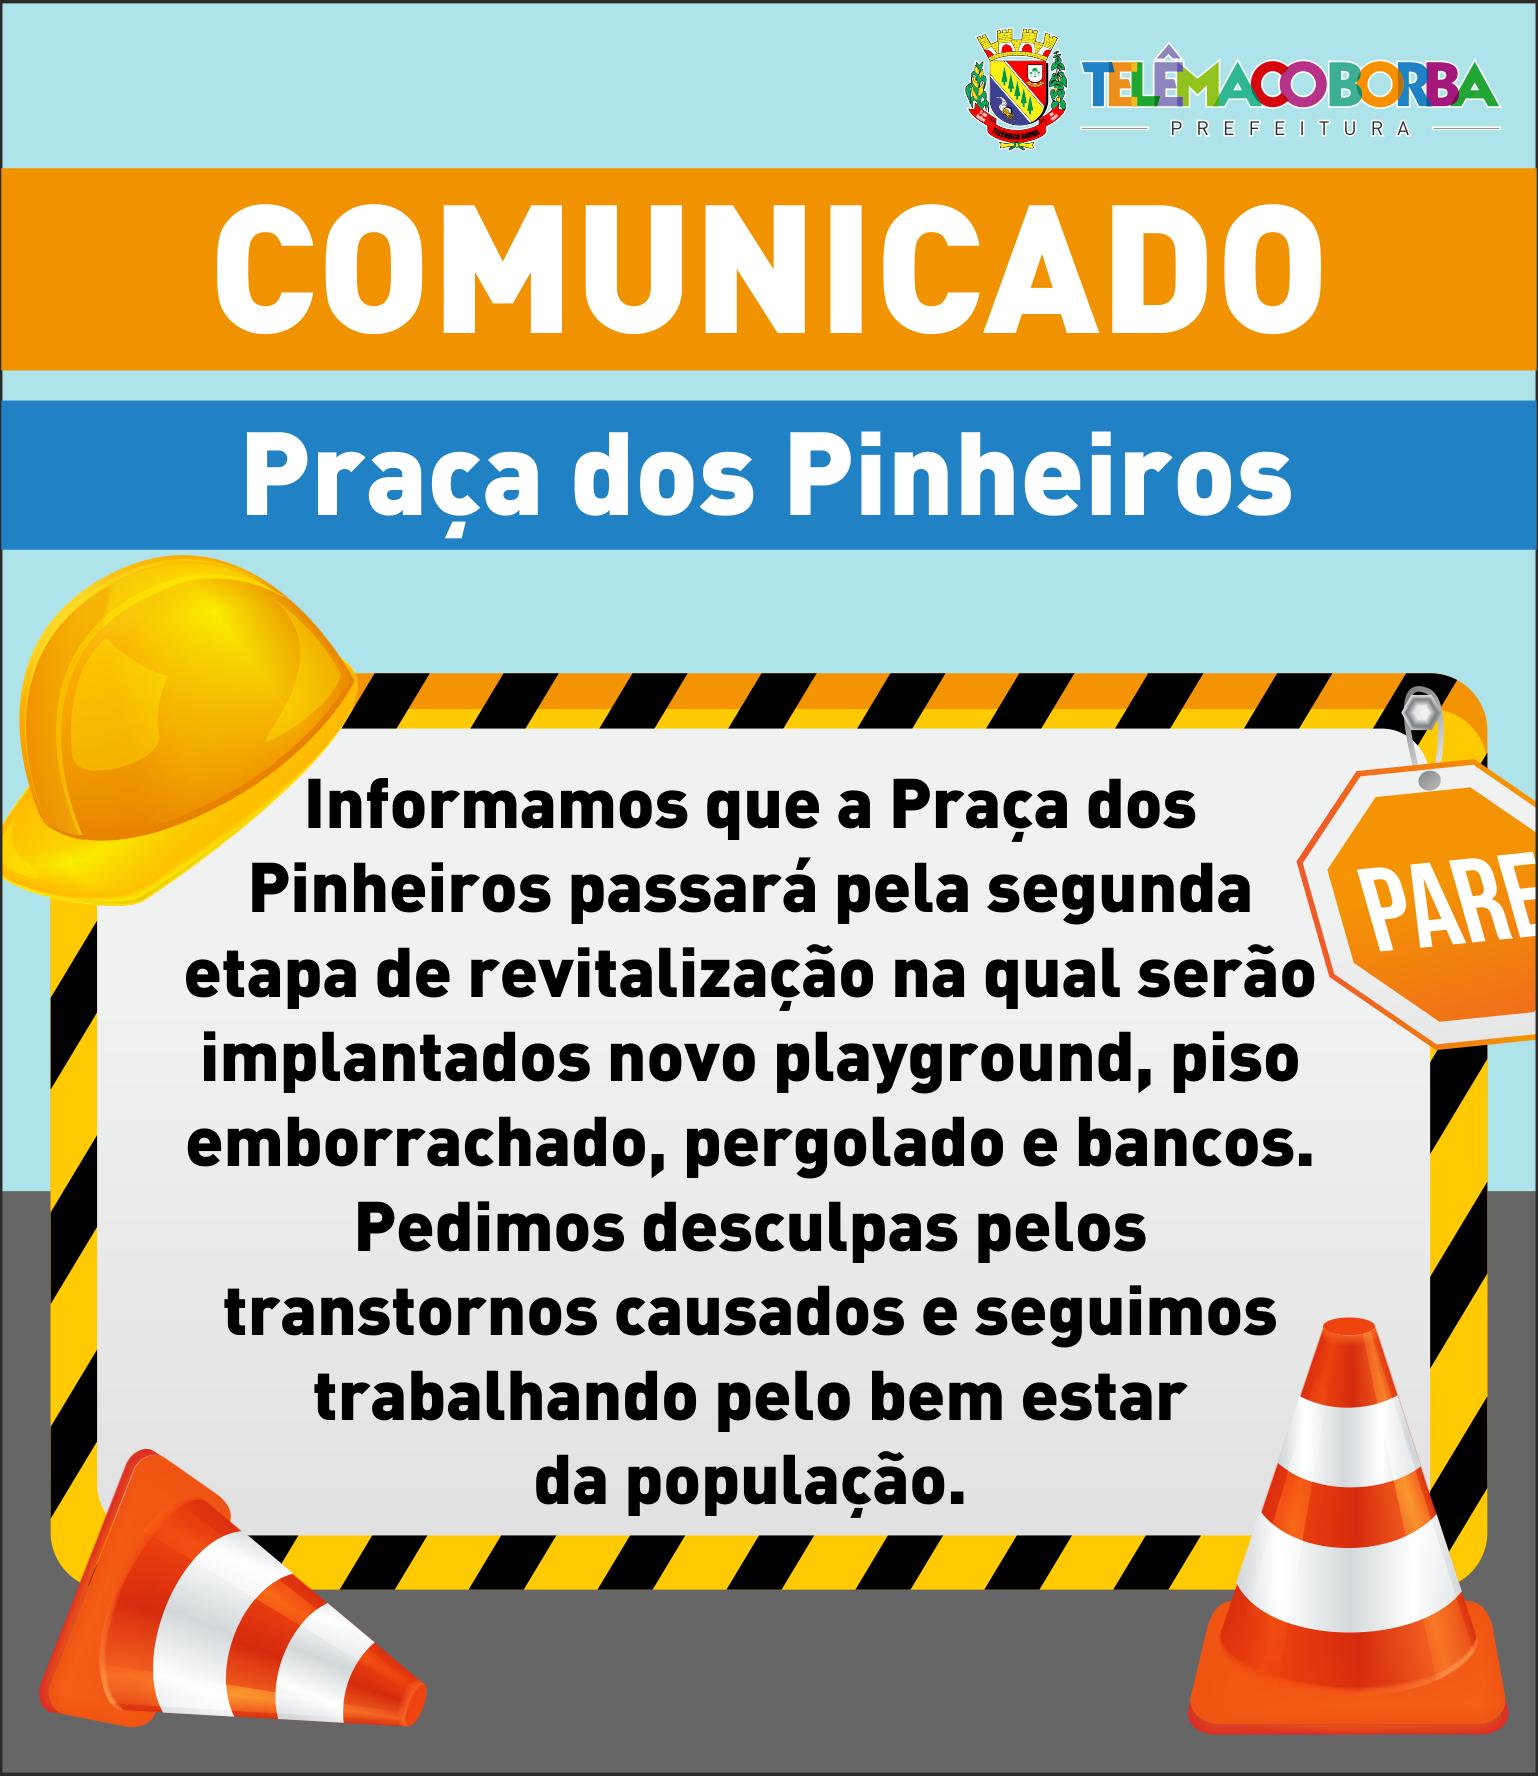 Praça dos Pinheiros